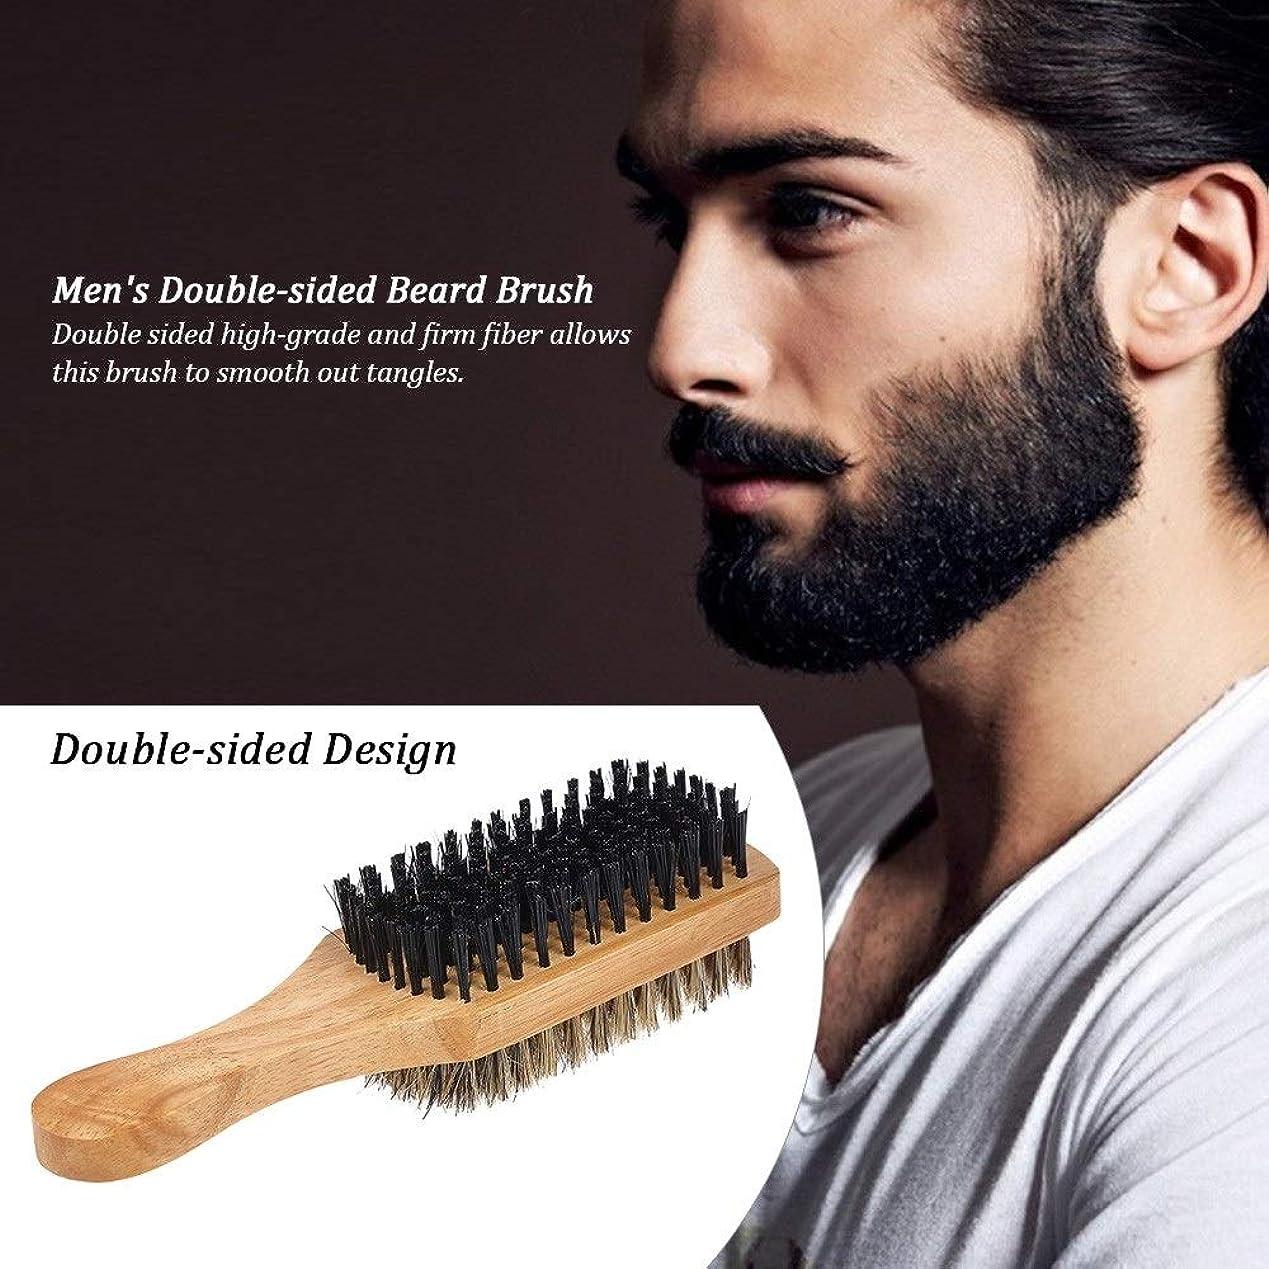 あらゆる種類のアロング船尾シェービングブラシ メンズ 理容 洗顔 髭剃り ひげ髭ブラシ ひげケア ひげ剃り シェービングブラシ デュアルサイド (Color : #1)